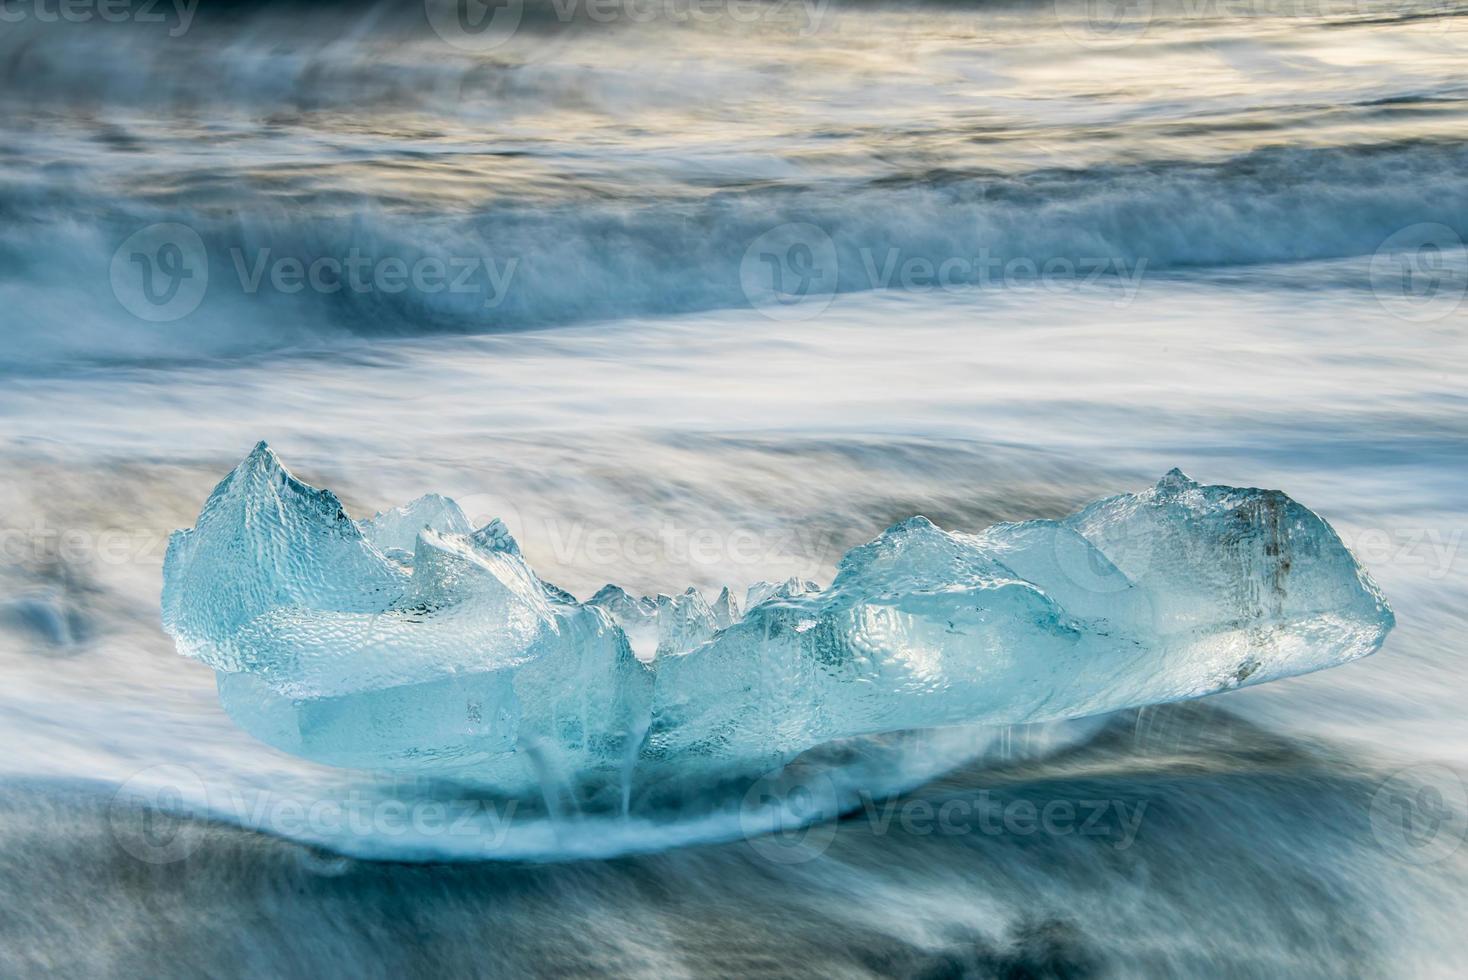 bellissimo ghiaccio blu sulla spiaggia di sabbia nera, jokulsarlon, islanda foto